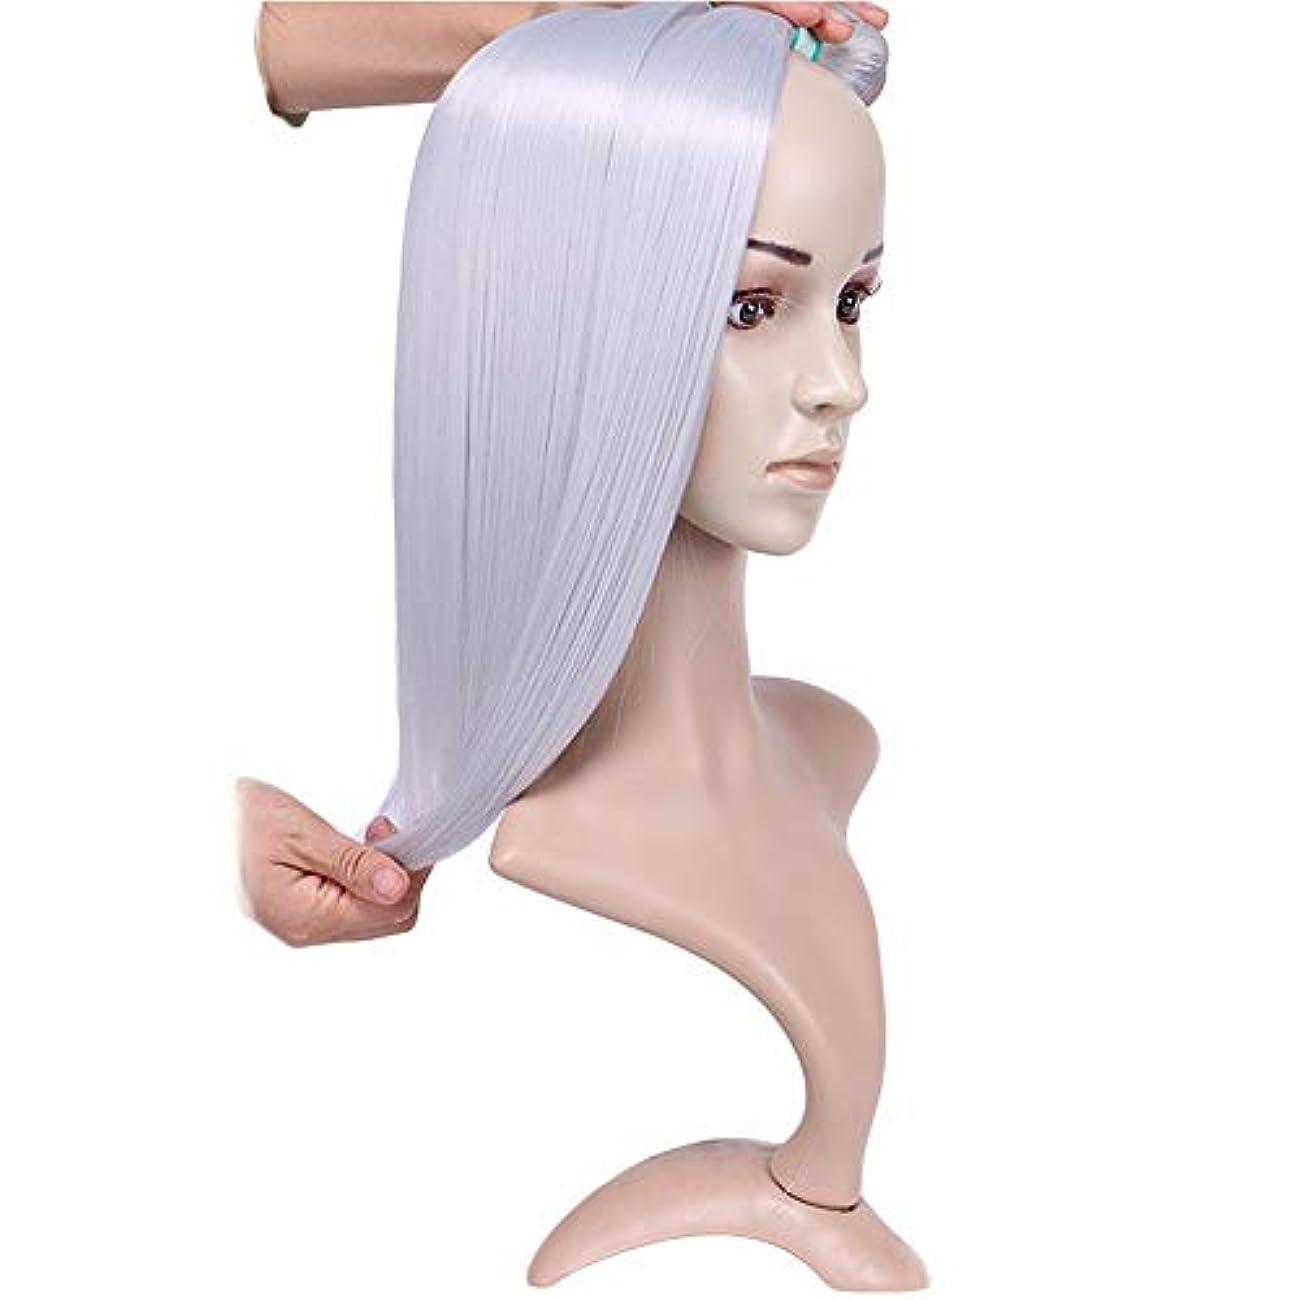 管理磁気運河HOHYLLYA シルバーグレーストレートヘアバンドルシルキーストレート織り方長さ混合長(16 18 20)合成髪レースかつらロールプレイングかつら長くて短い女性自然 (色 : Silver grey, サイズ : 18...